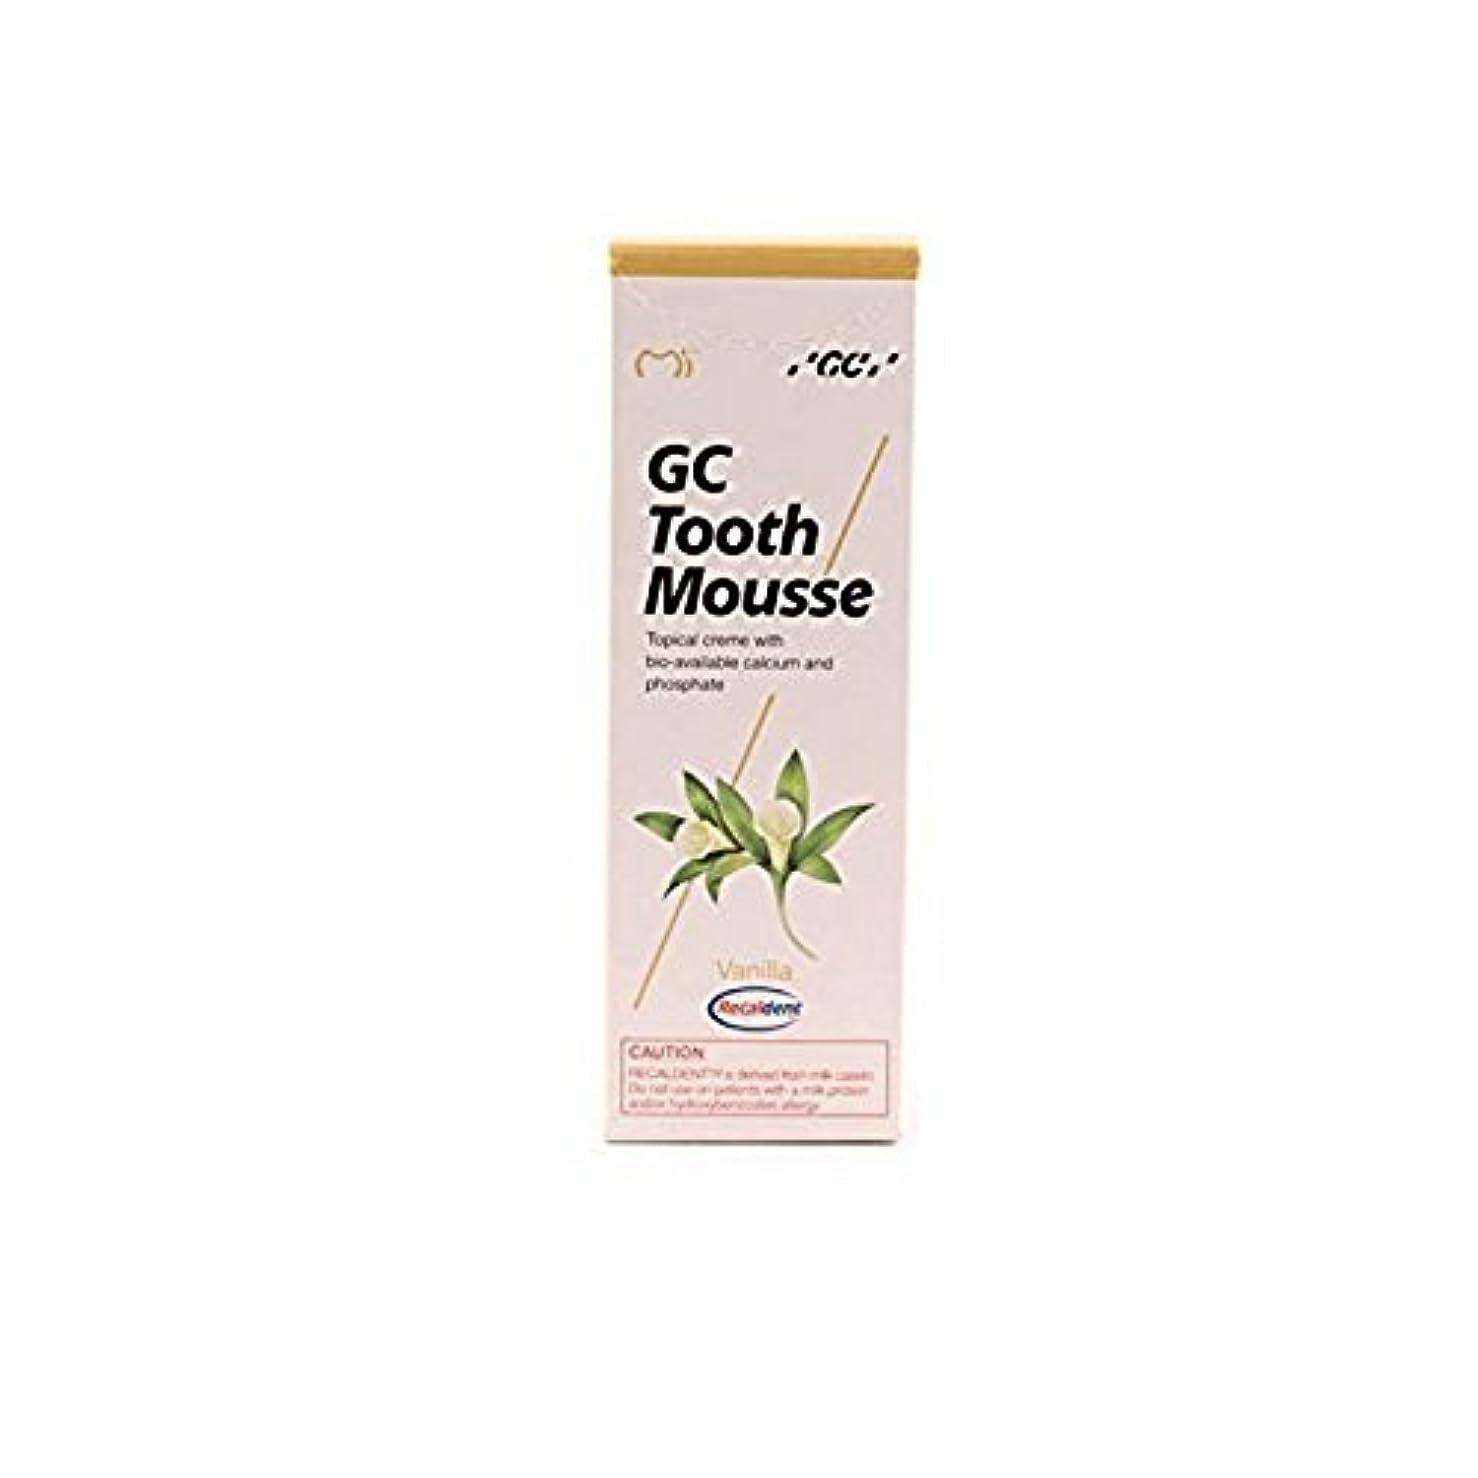 最高堤防富Gc の歯のムース練り歯磨き粉の盛り合わせの味40g (バニラ (Vanilla))